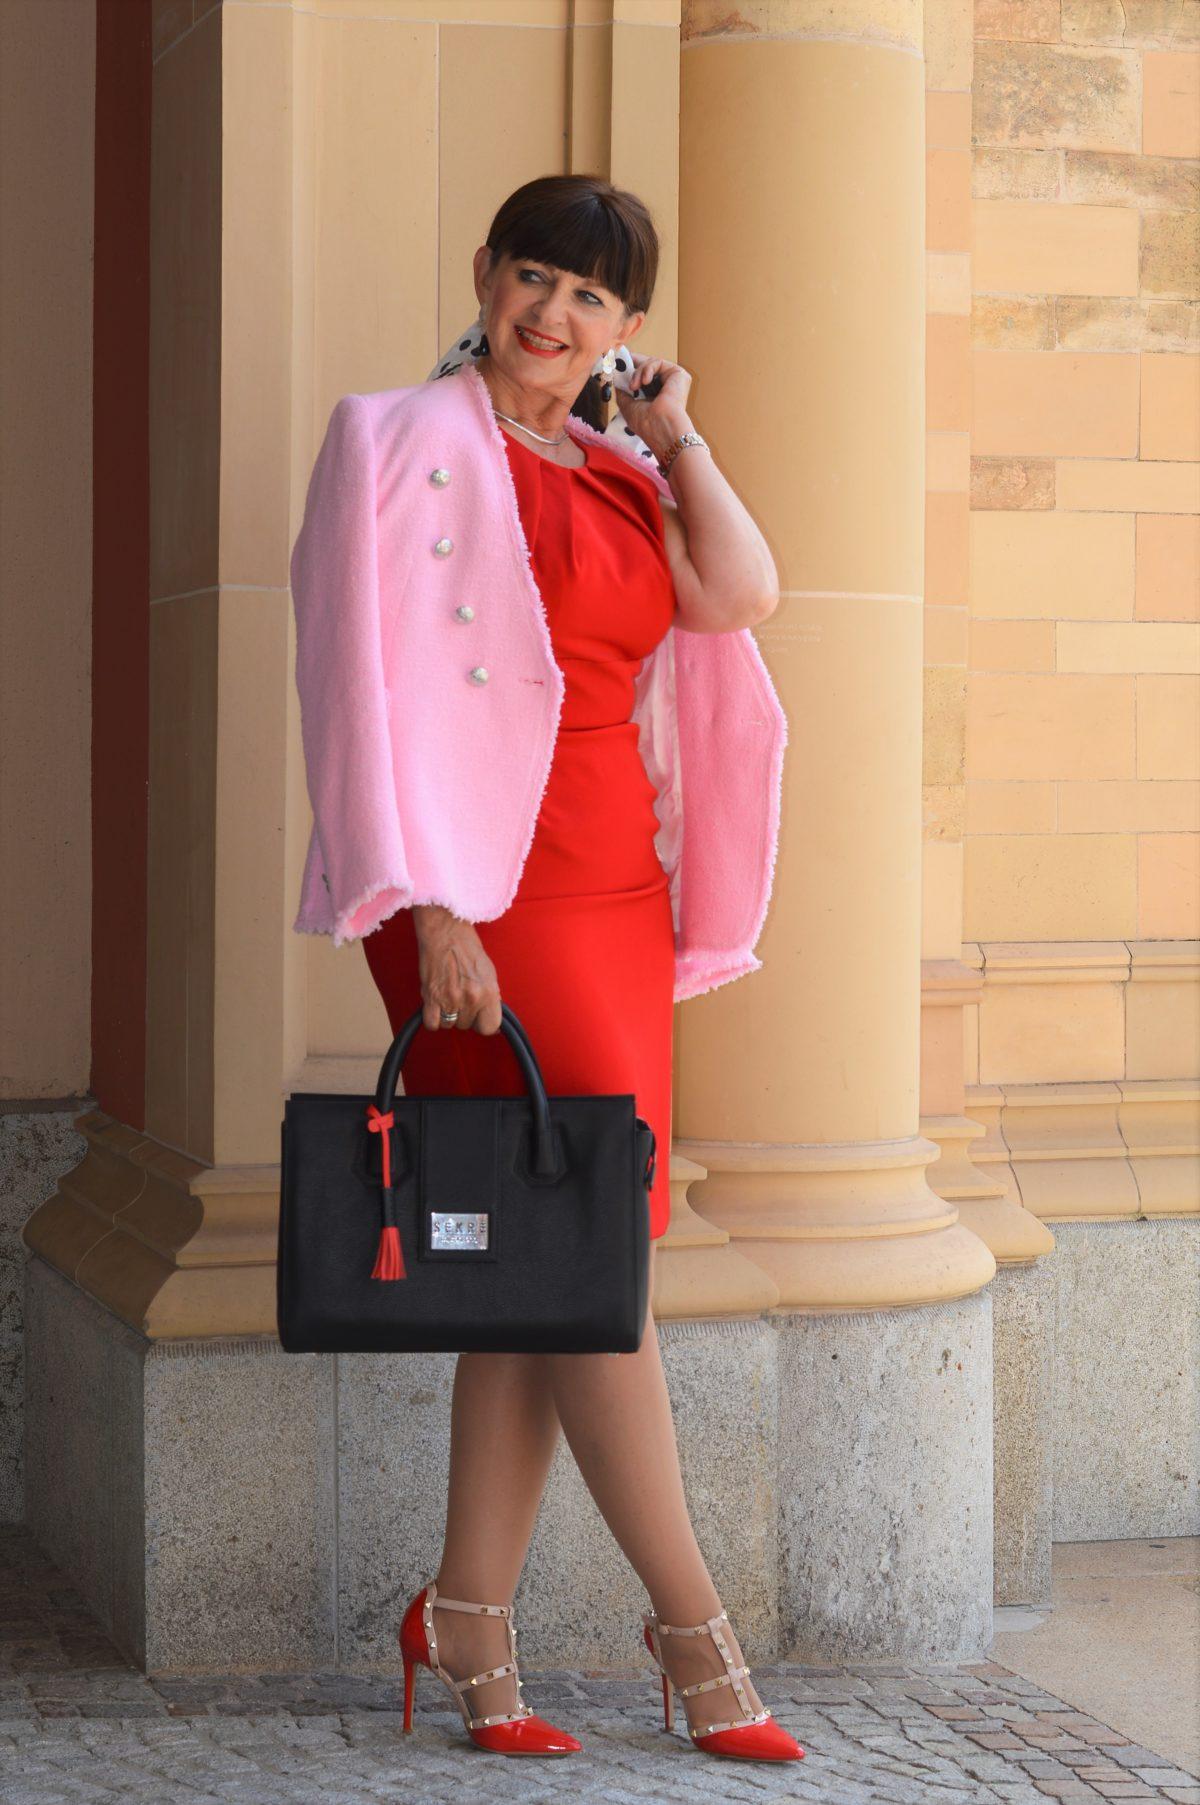 Luxushandtasche und Business Look